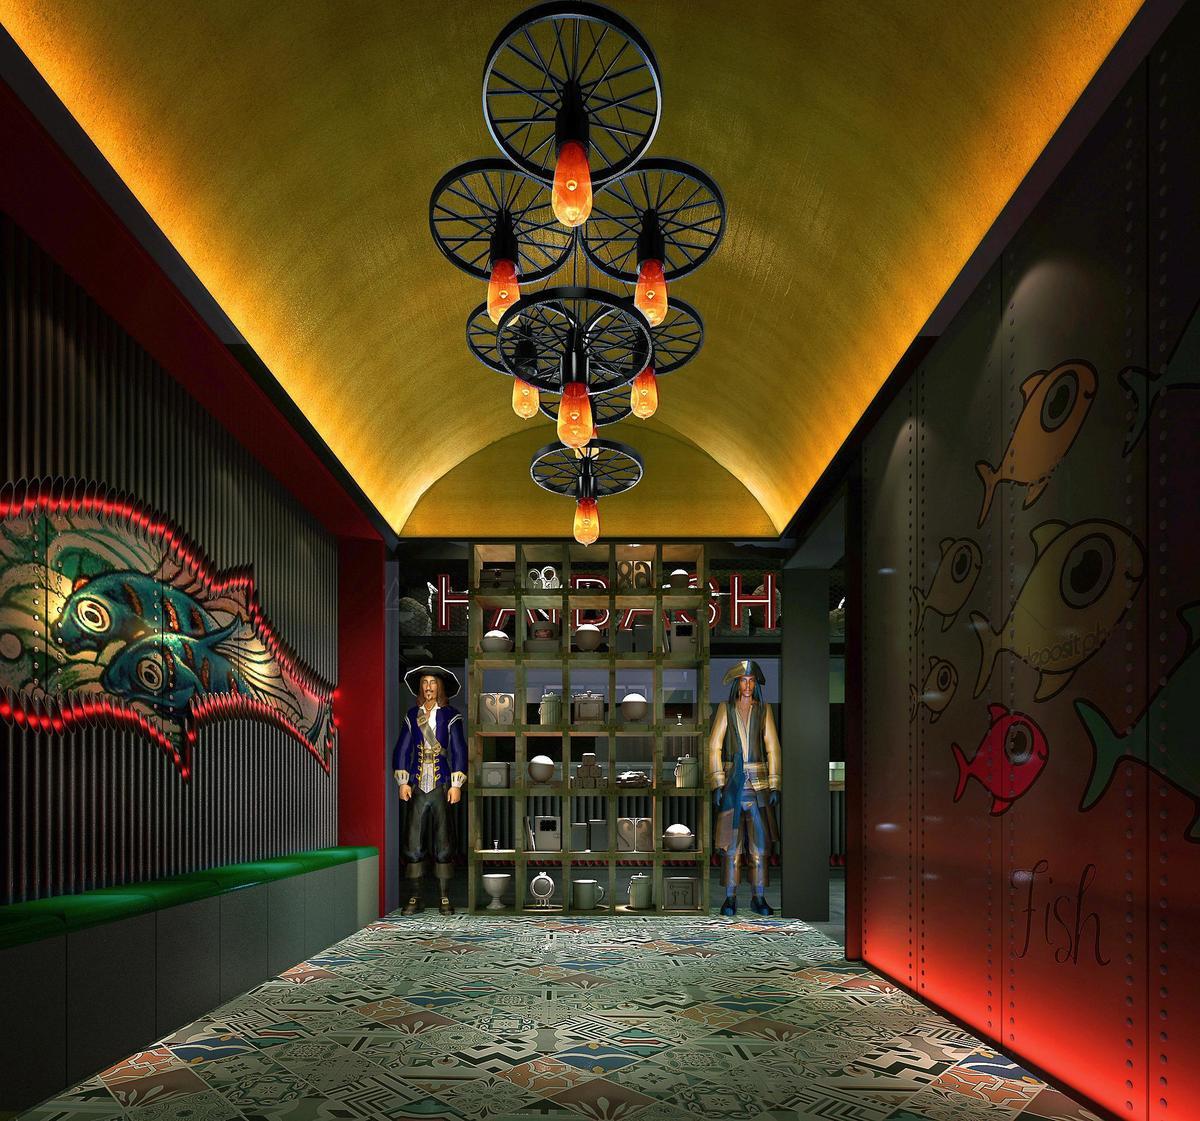 看看人家的餐厅手绘墙,活该你店铺没流量